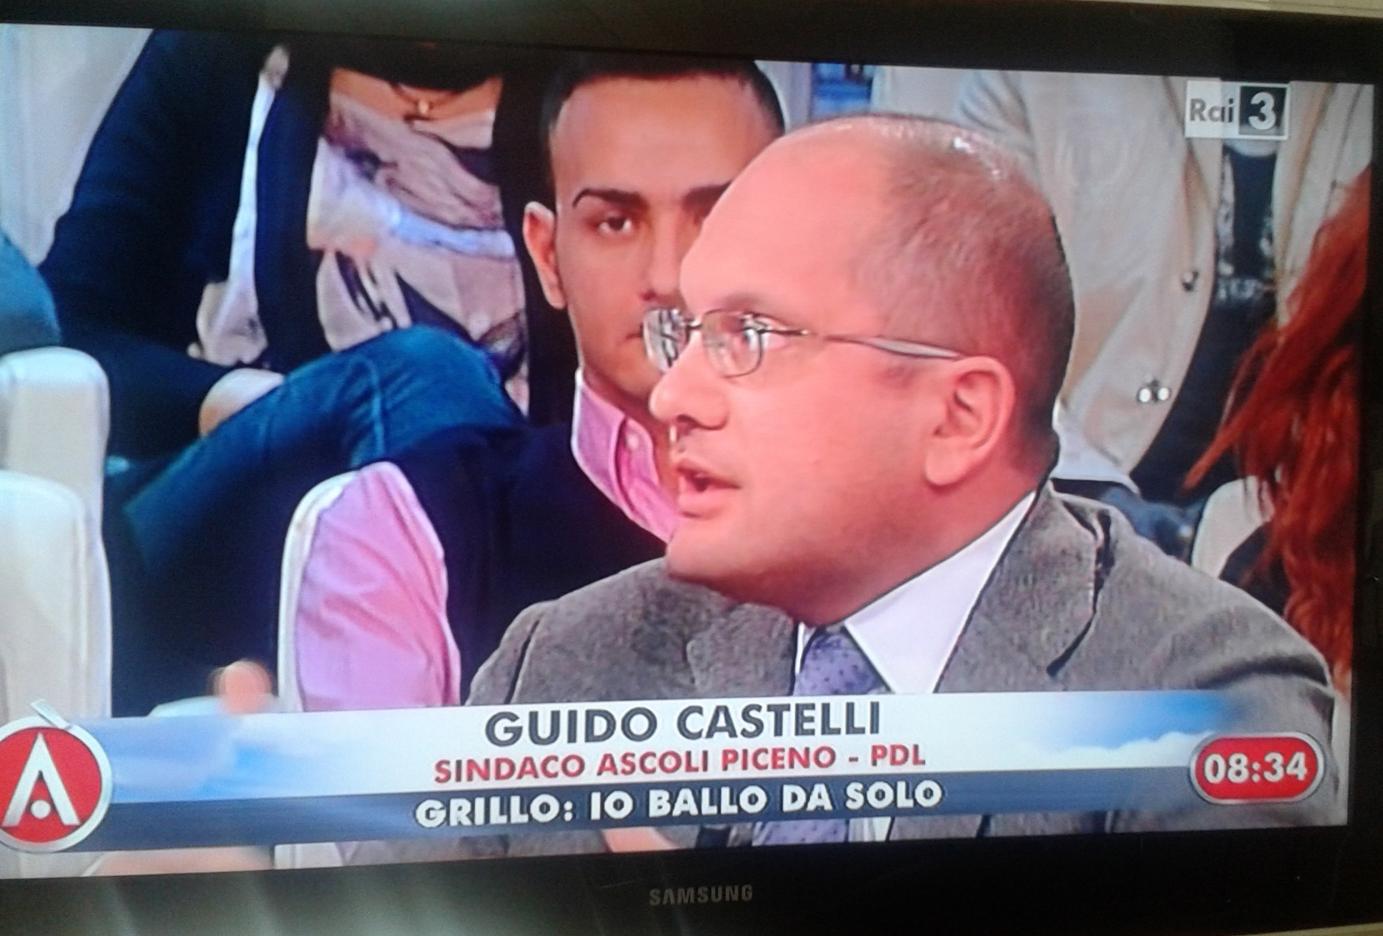 Guido Castelli ad Agorà